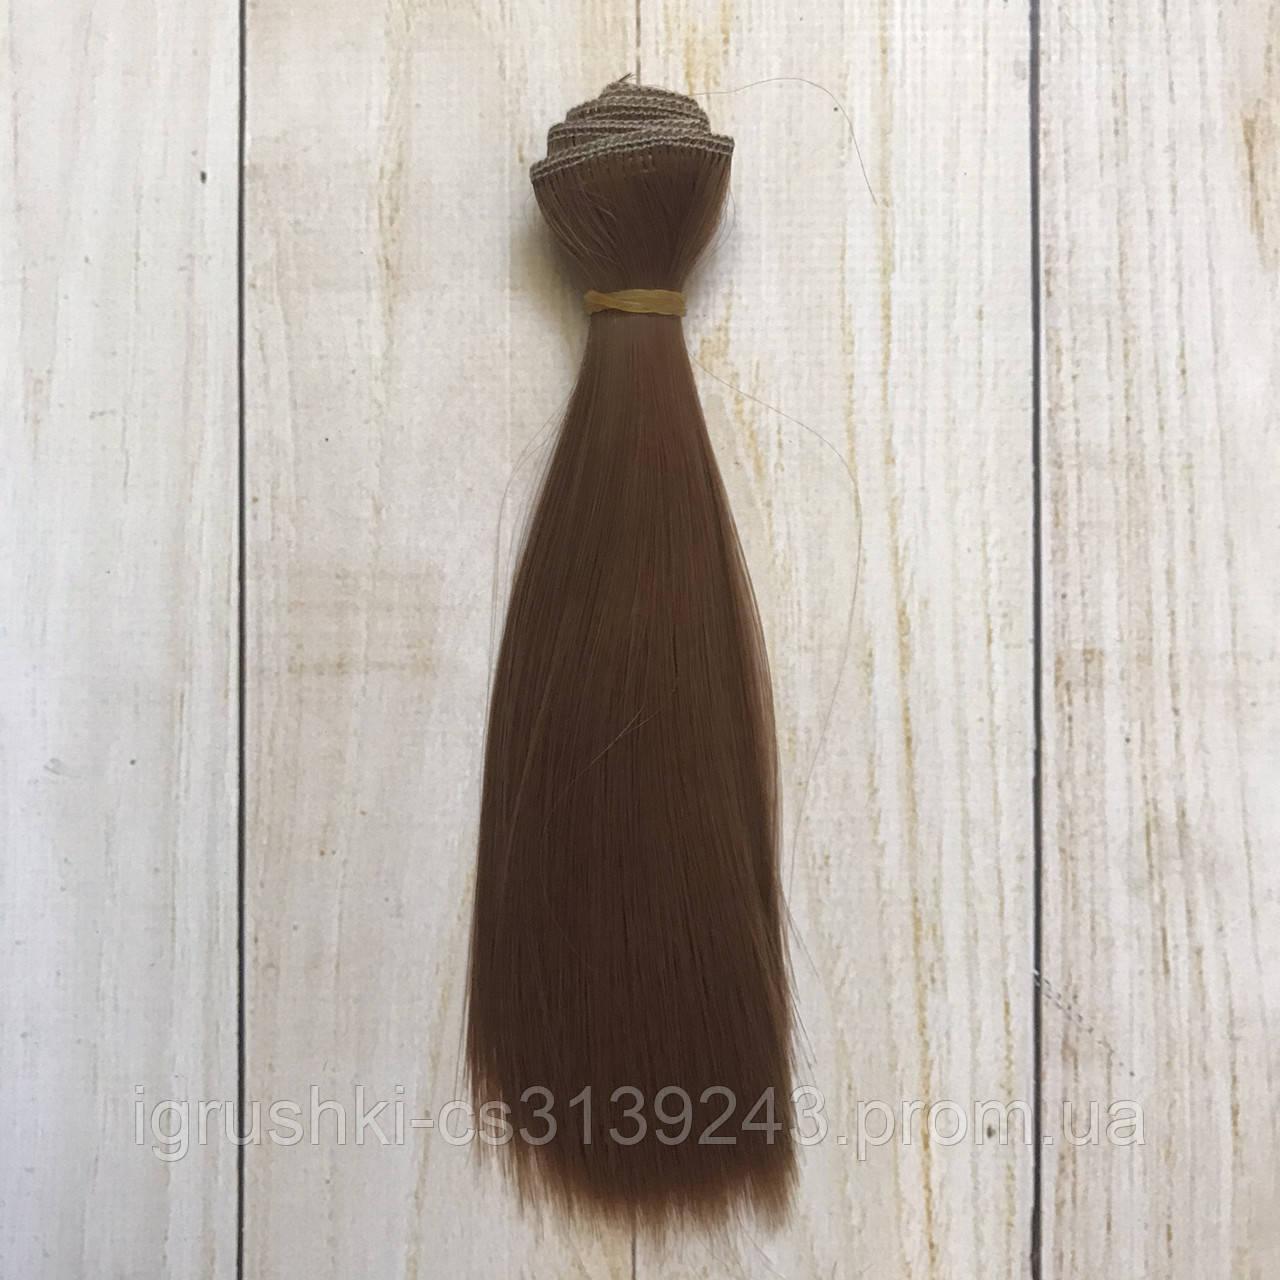 Волосся для ляльок (тресс) 15 * 100 см Колір 12